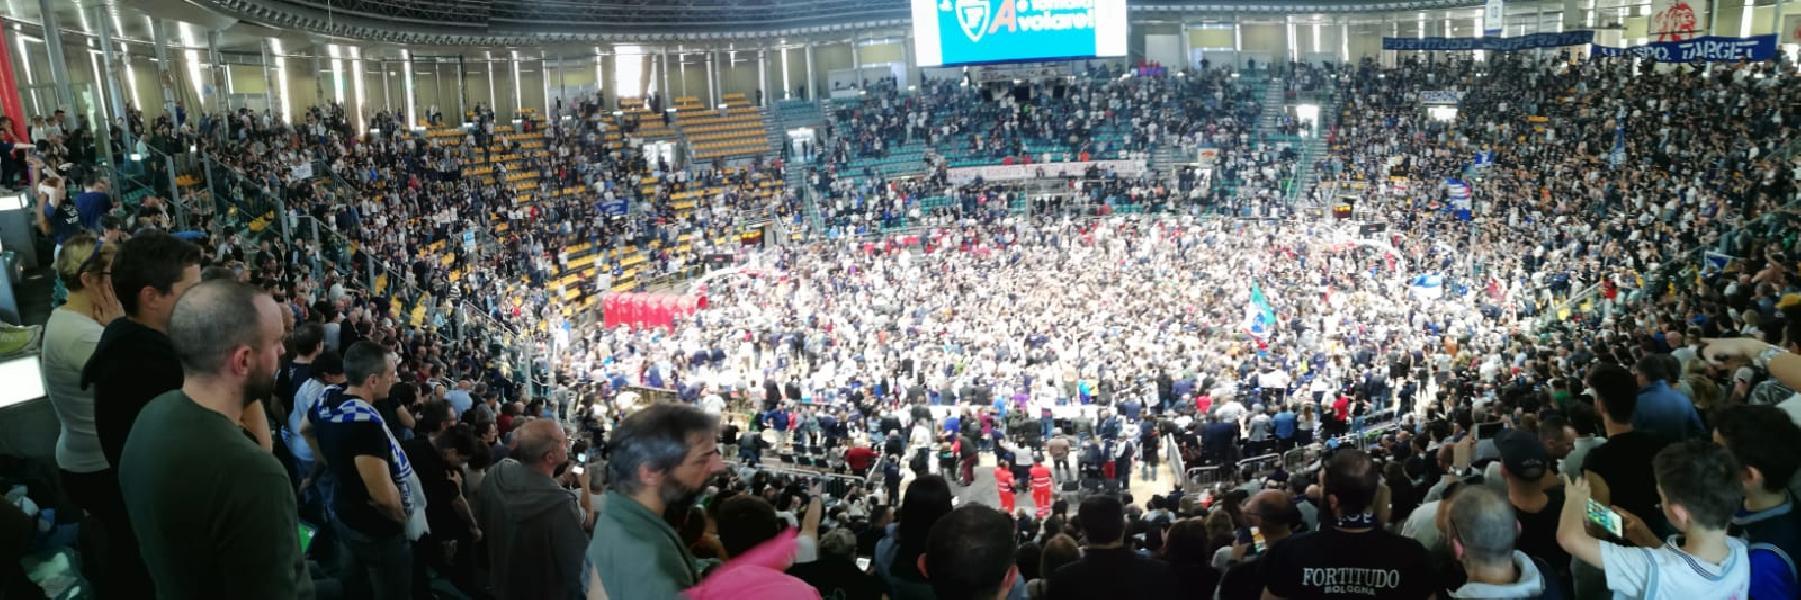 https://www.basketmarche.it/immagini_articoli/31-03-2019/serie-ritorno-fortitudo-serie-montegranaro-treviso-braccetto-colpi-jesi-cento-600.jpg